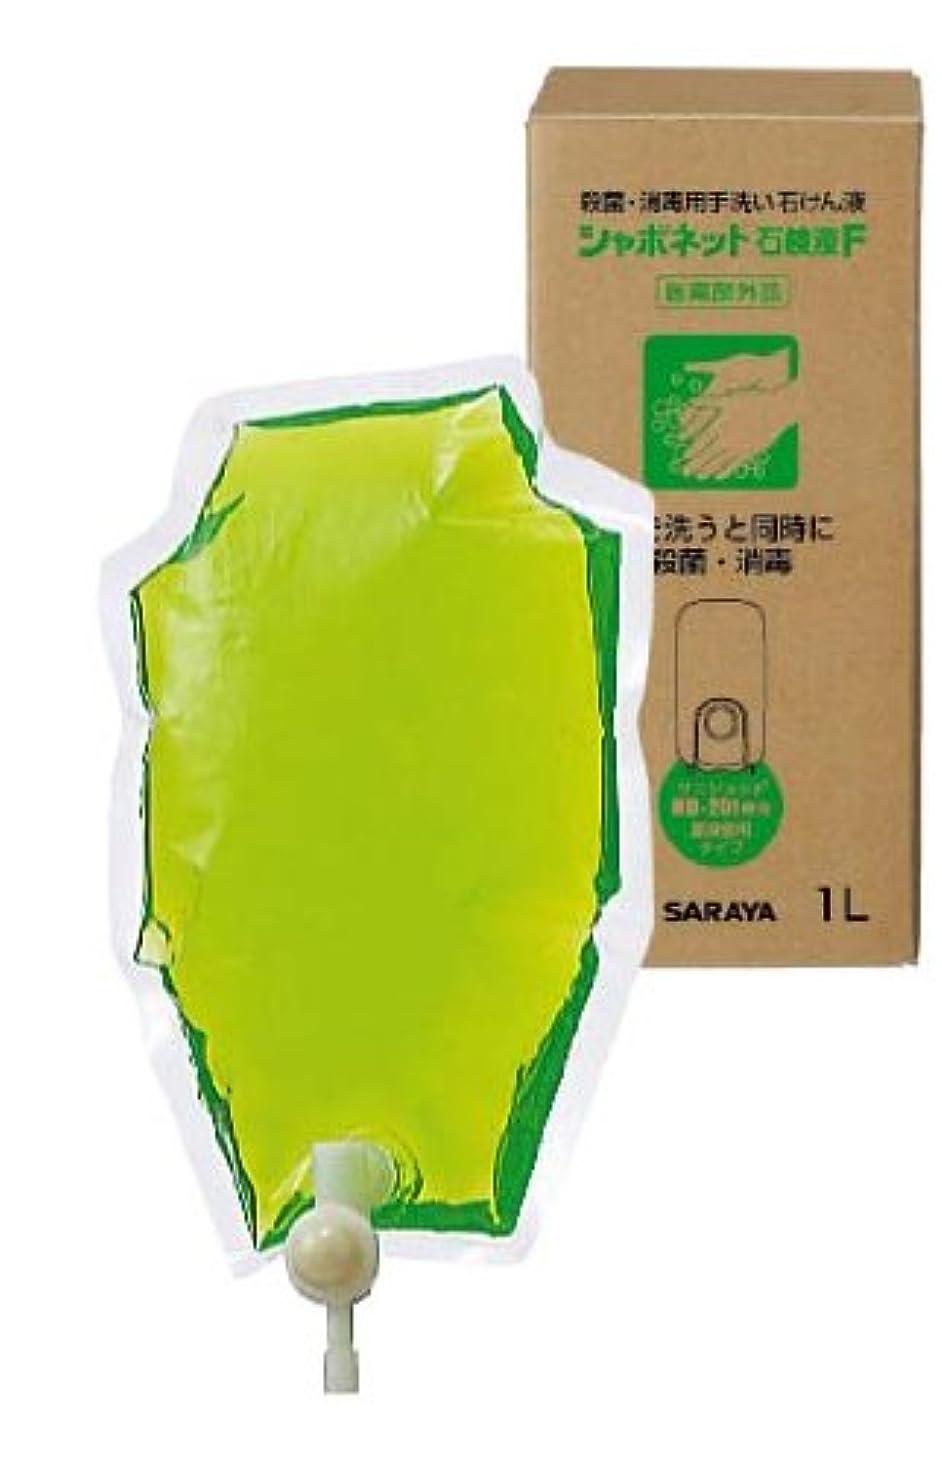 メジャーうまくいけば飲食店ディスポーザブル式薬液ディスペンサー MD-201S用シャボネット(R) 石鹸液F